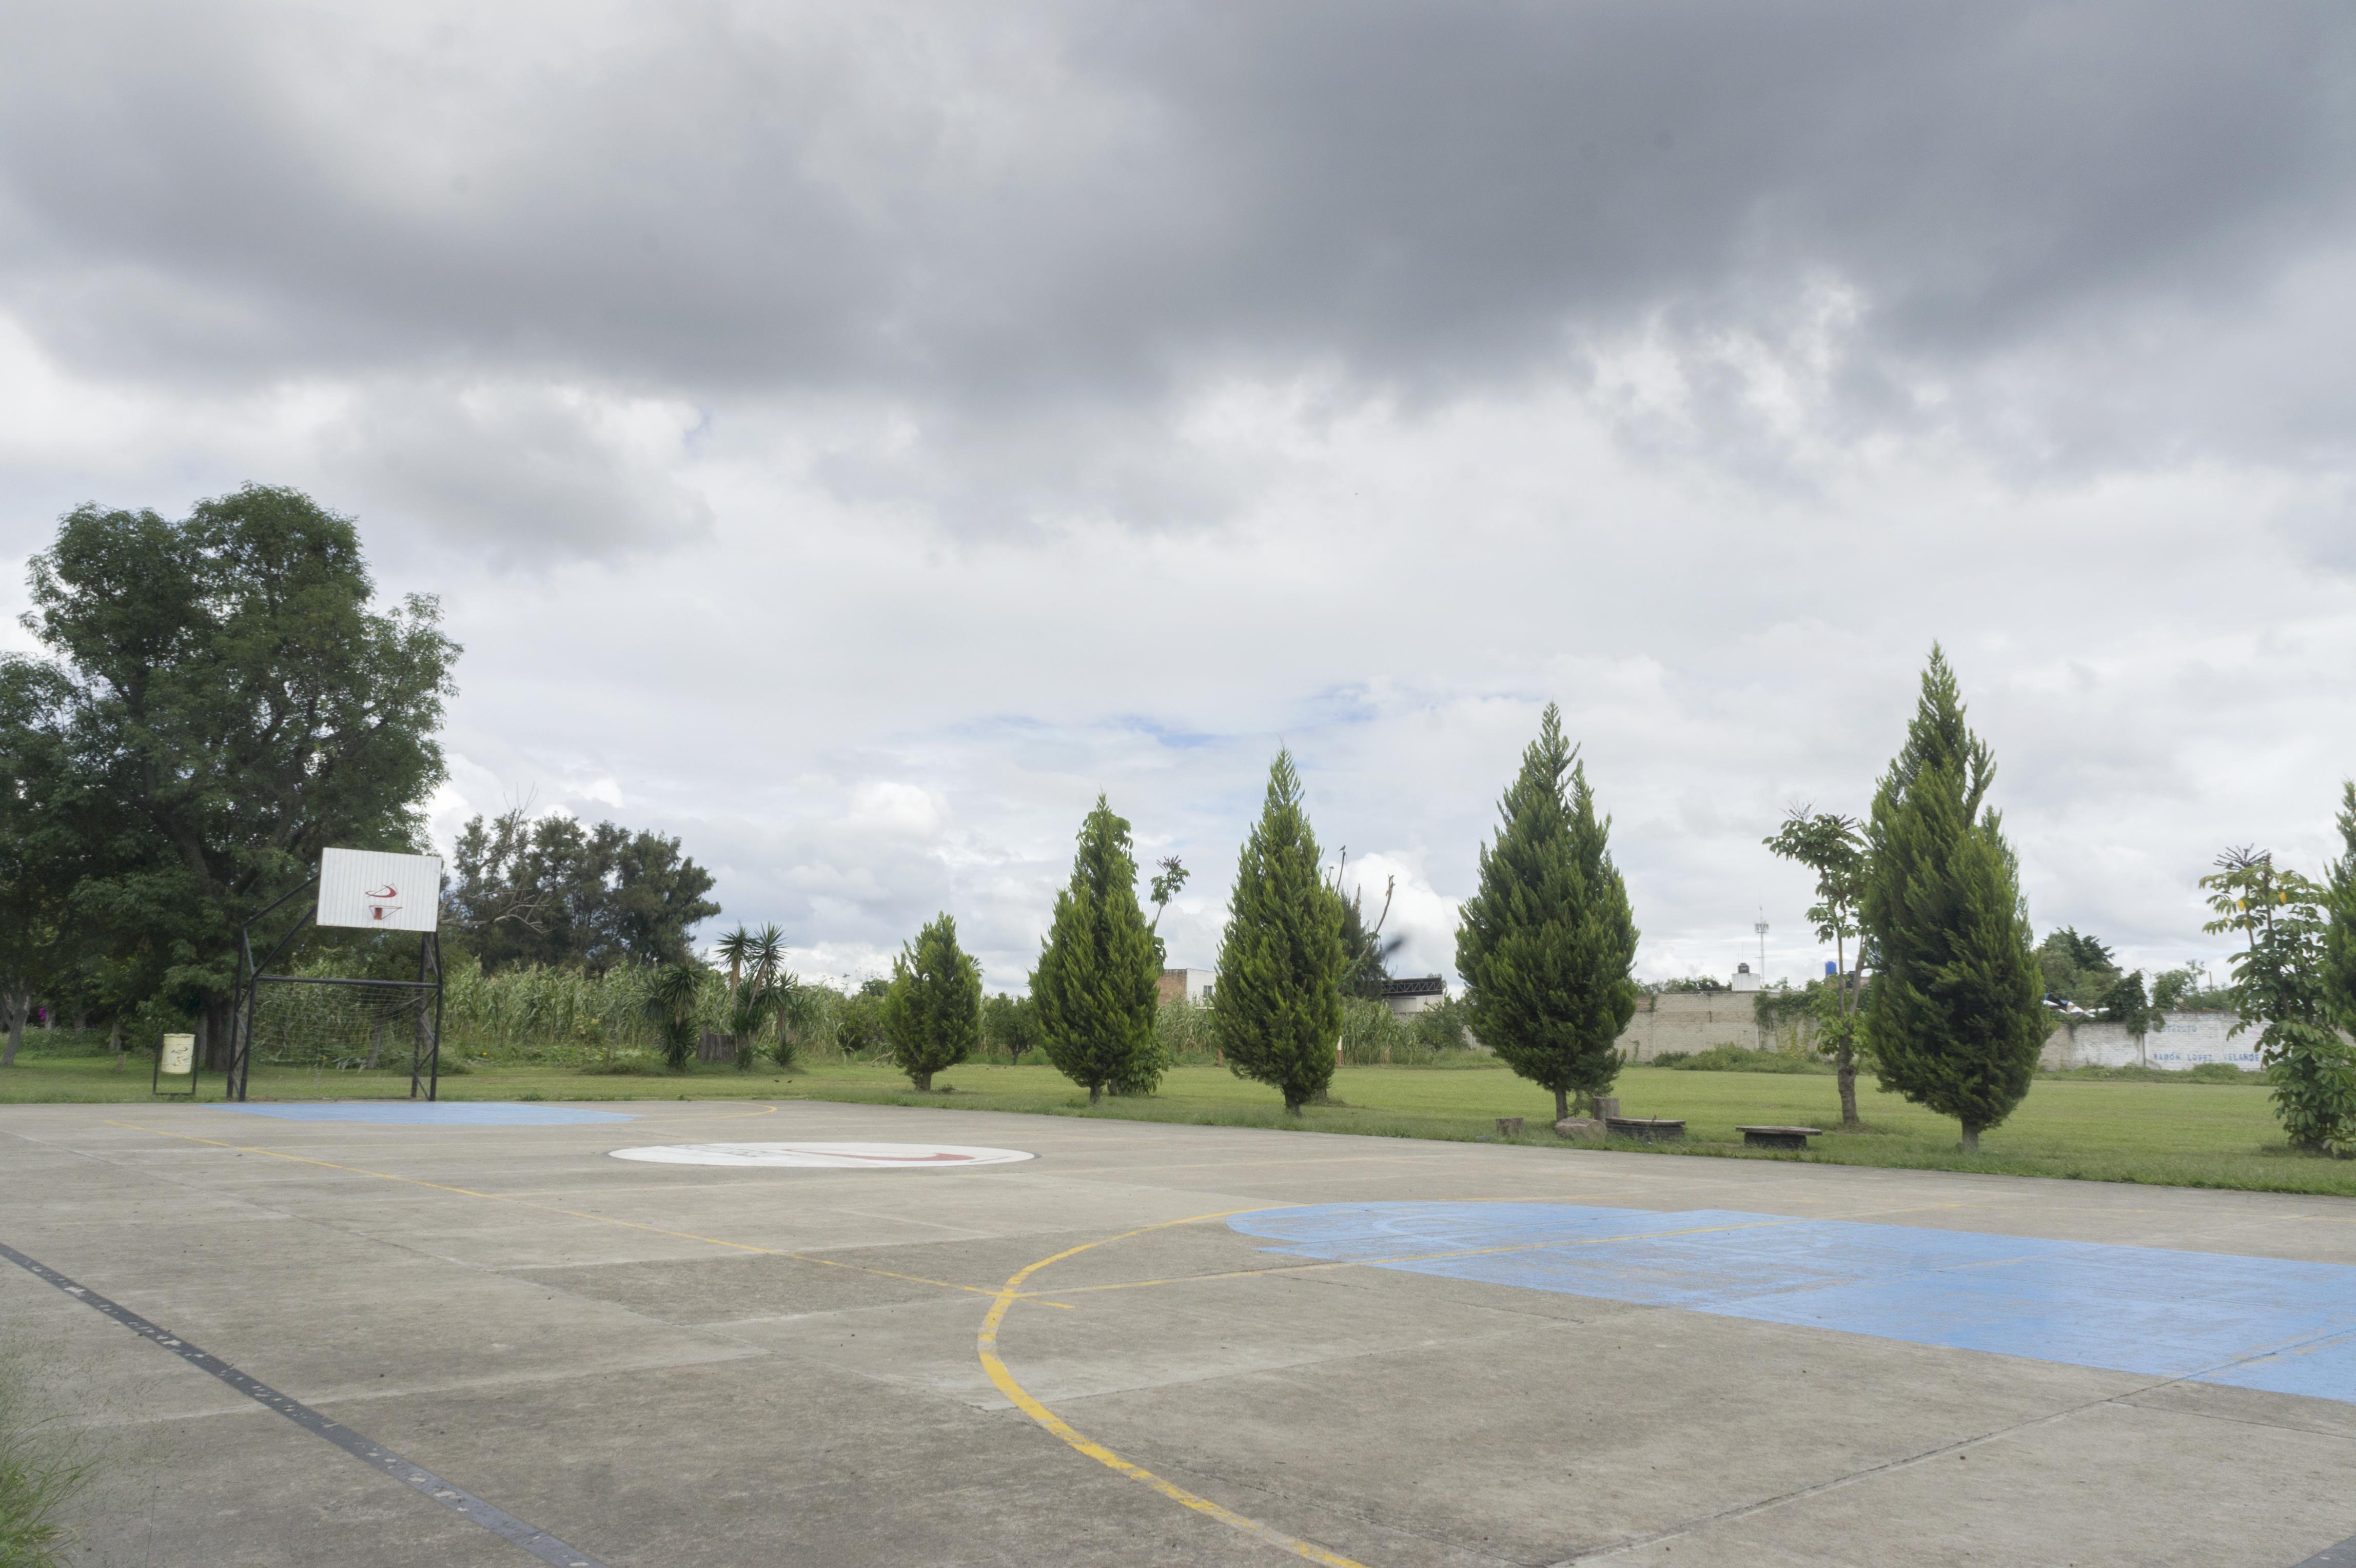 Cancha de basketbol